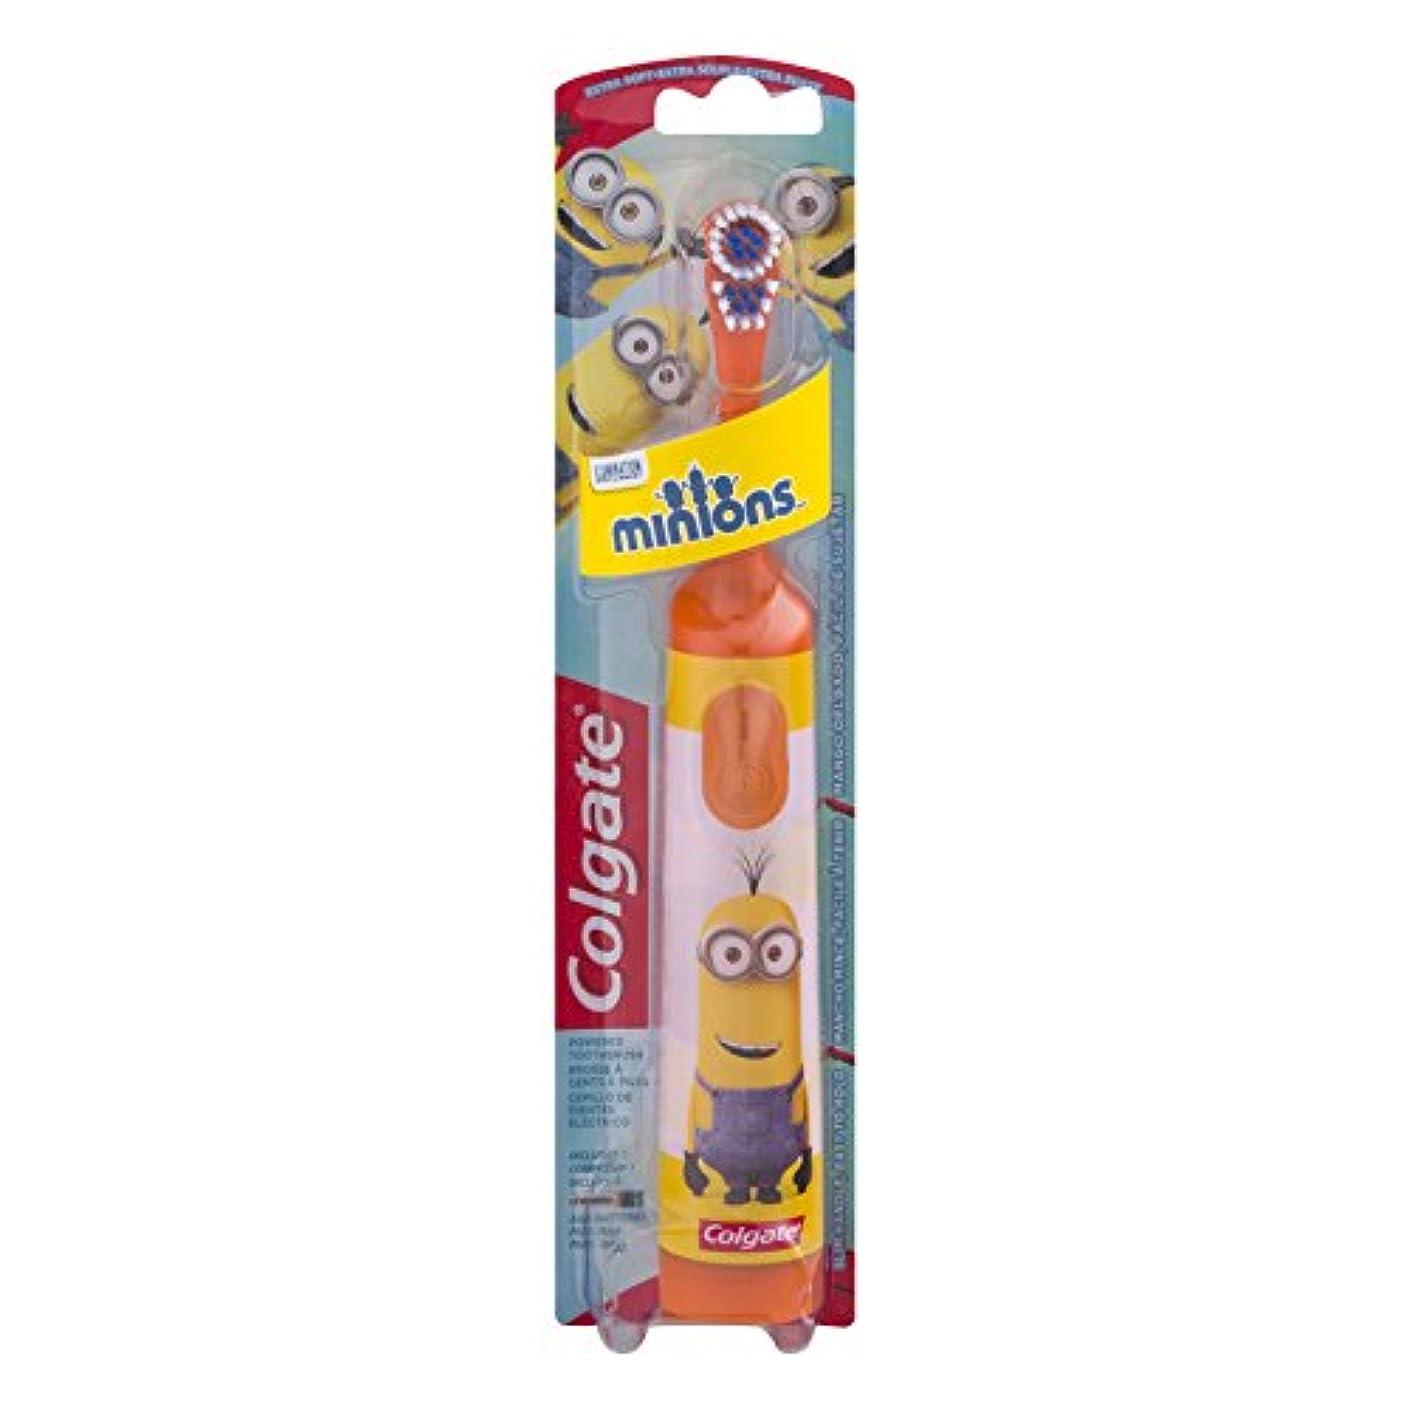 疑問を超えて天使苦難Colgate キッズ手下バッテリ駆動歯ブラシ - 1CT - 色やデザインは変更になる場合があります